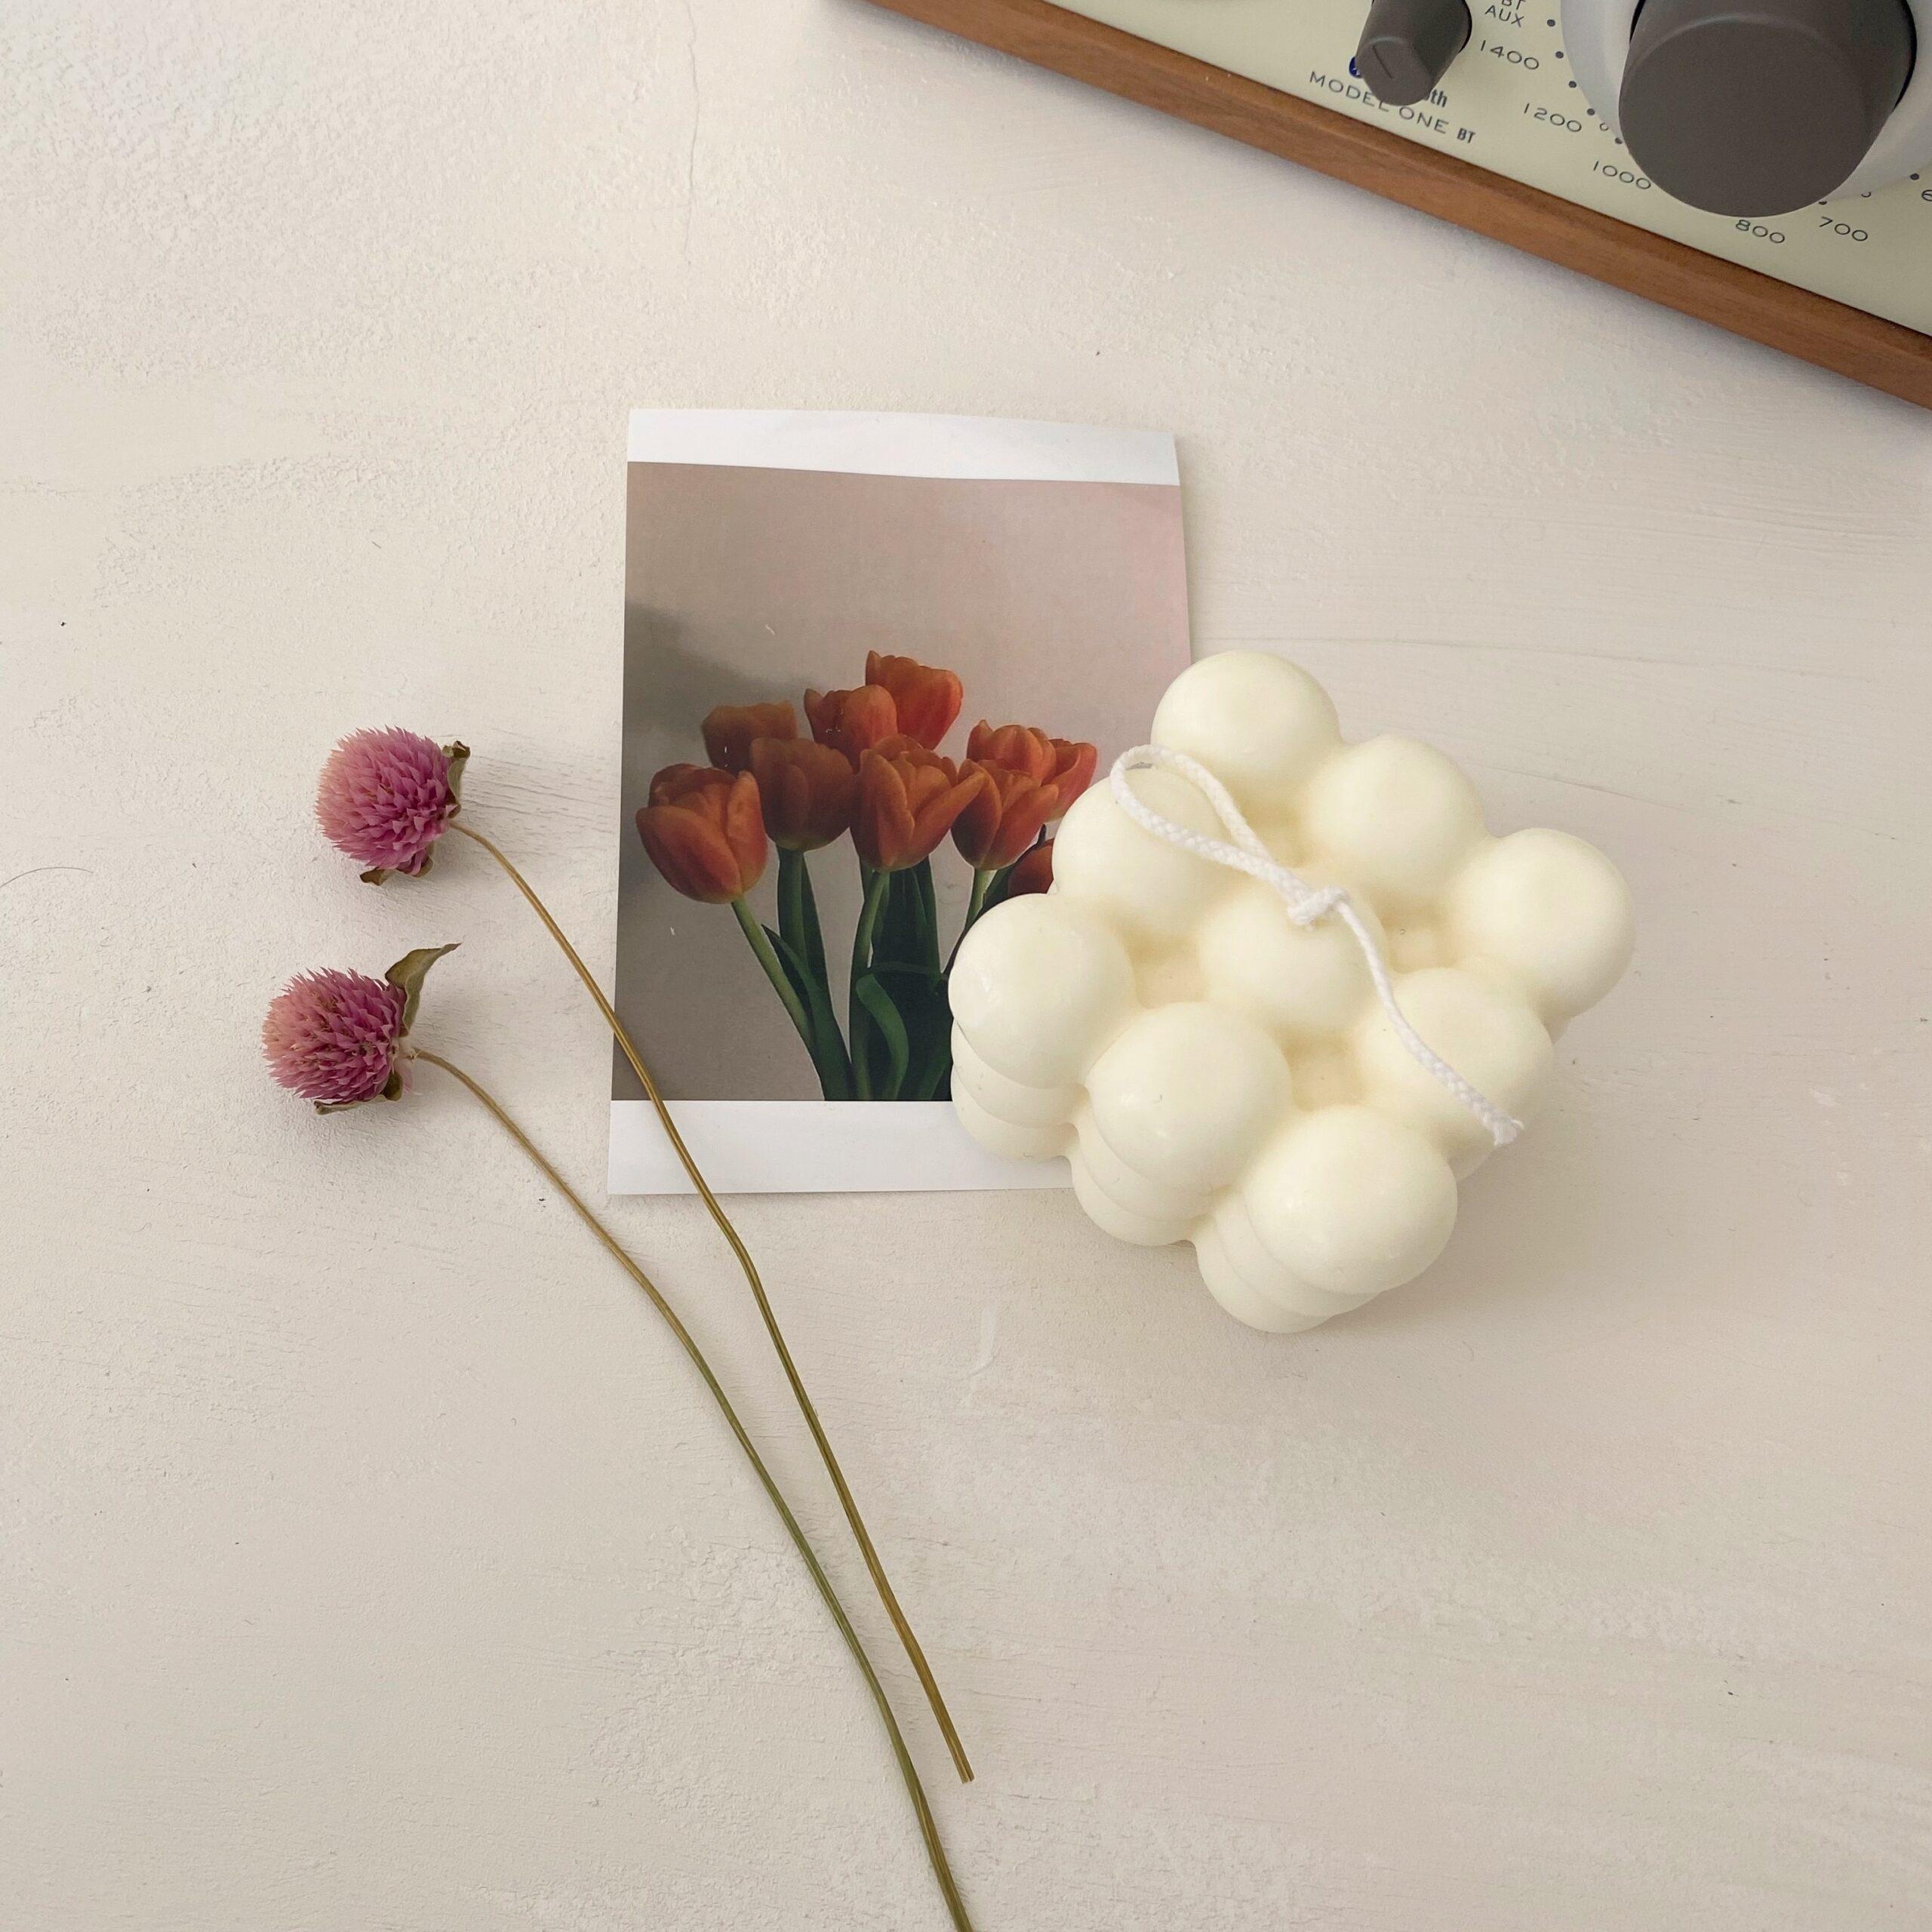 ポストカードやお花を添えてお洒落に演出